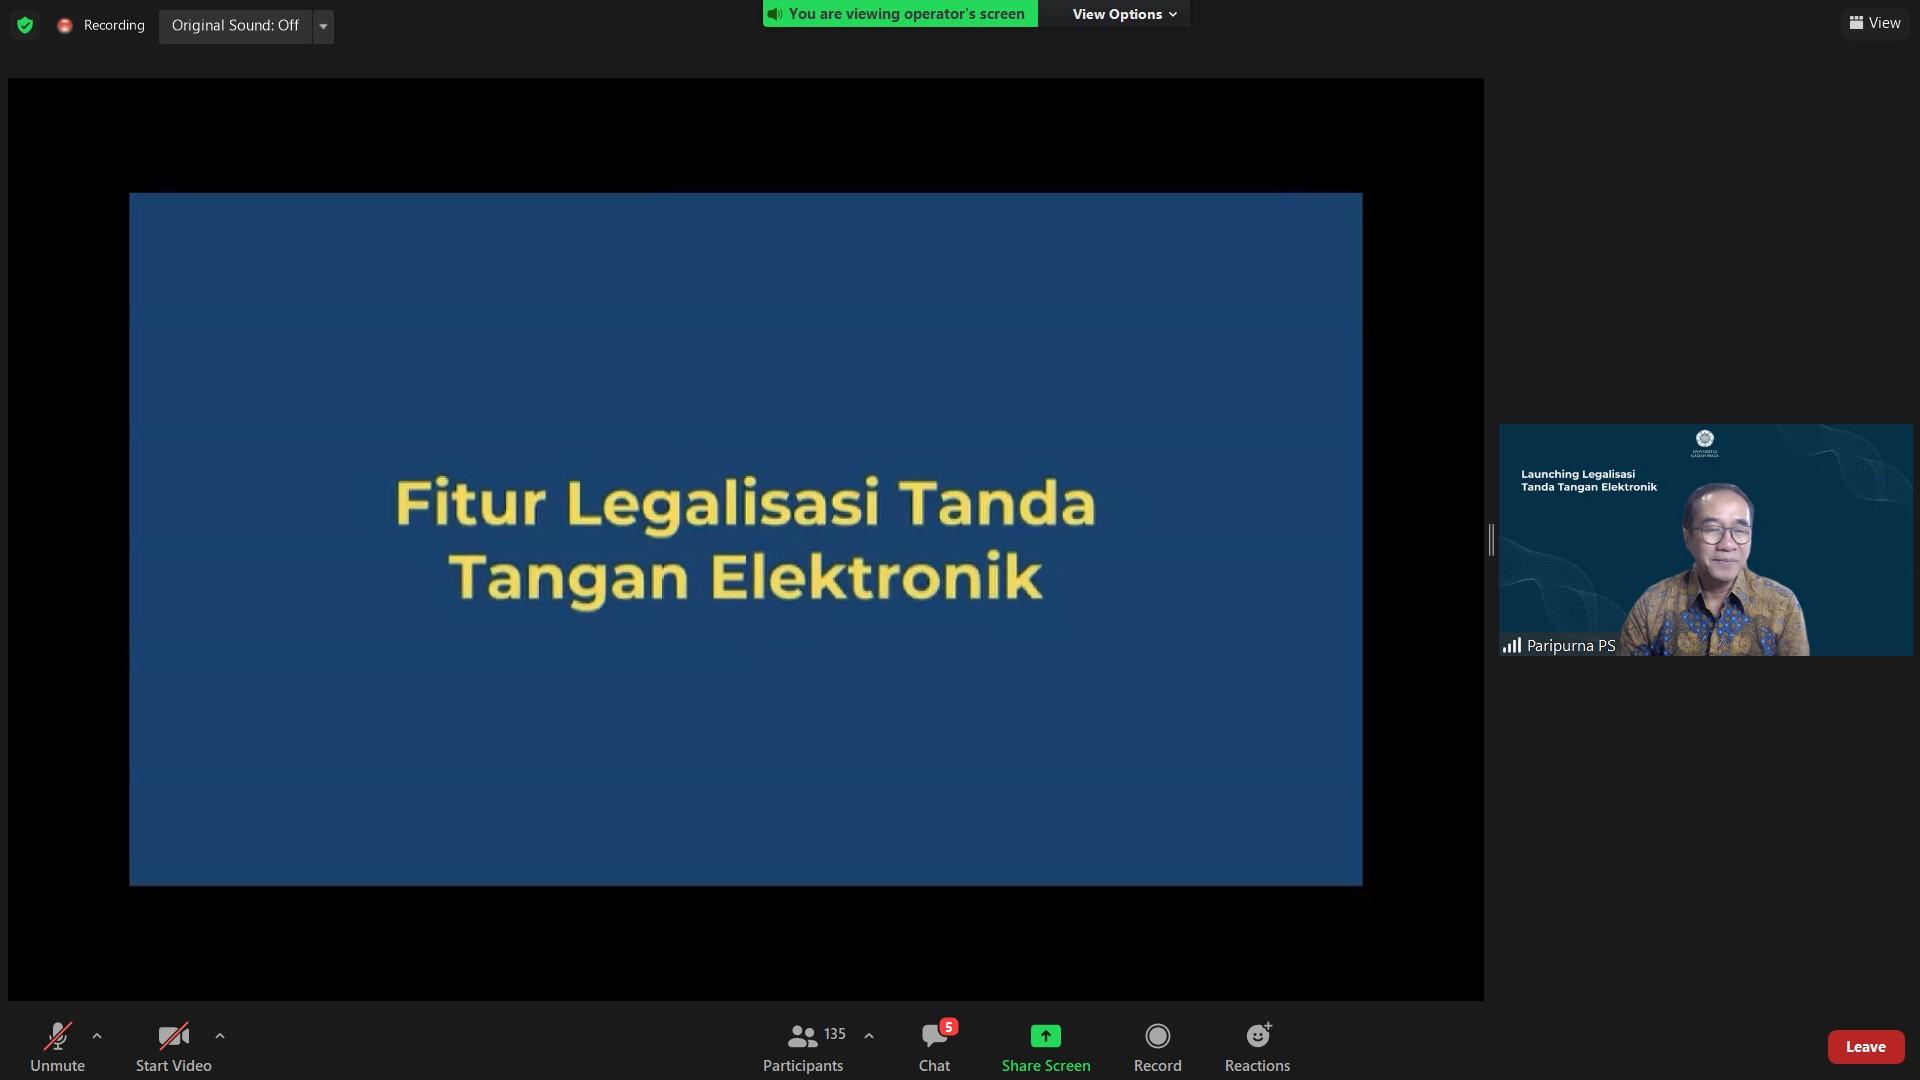 UGM Luncurkan Layanan Legalisasi dengan Tanda Tangan Elektronik